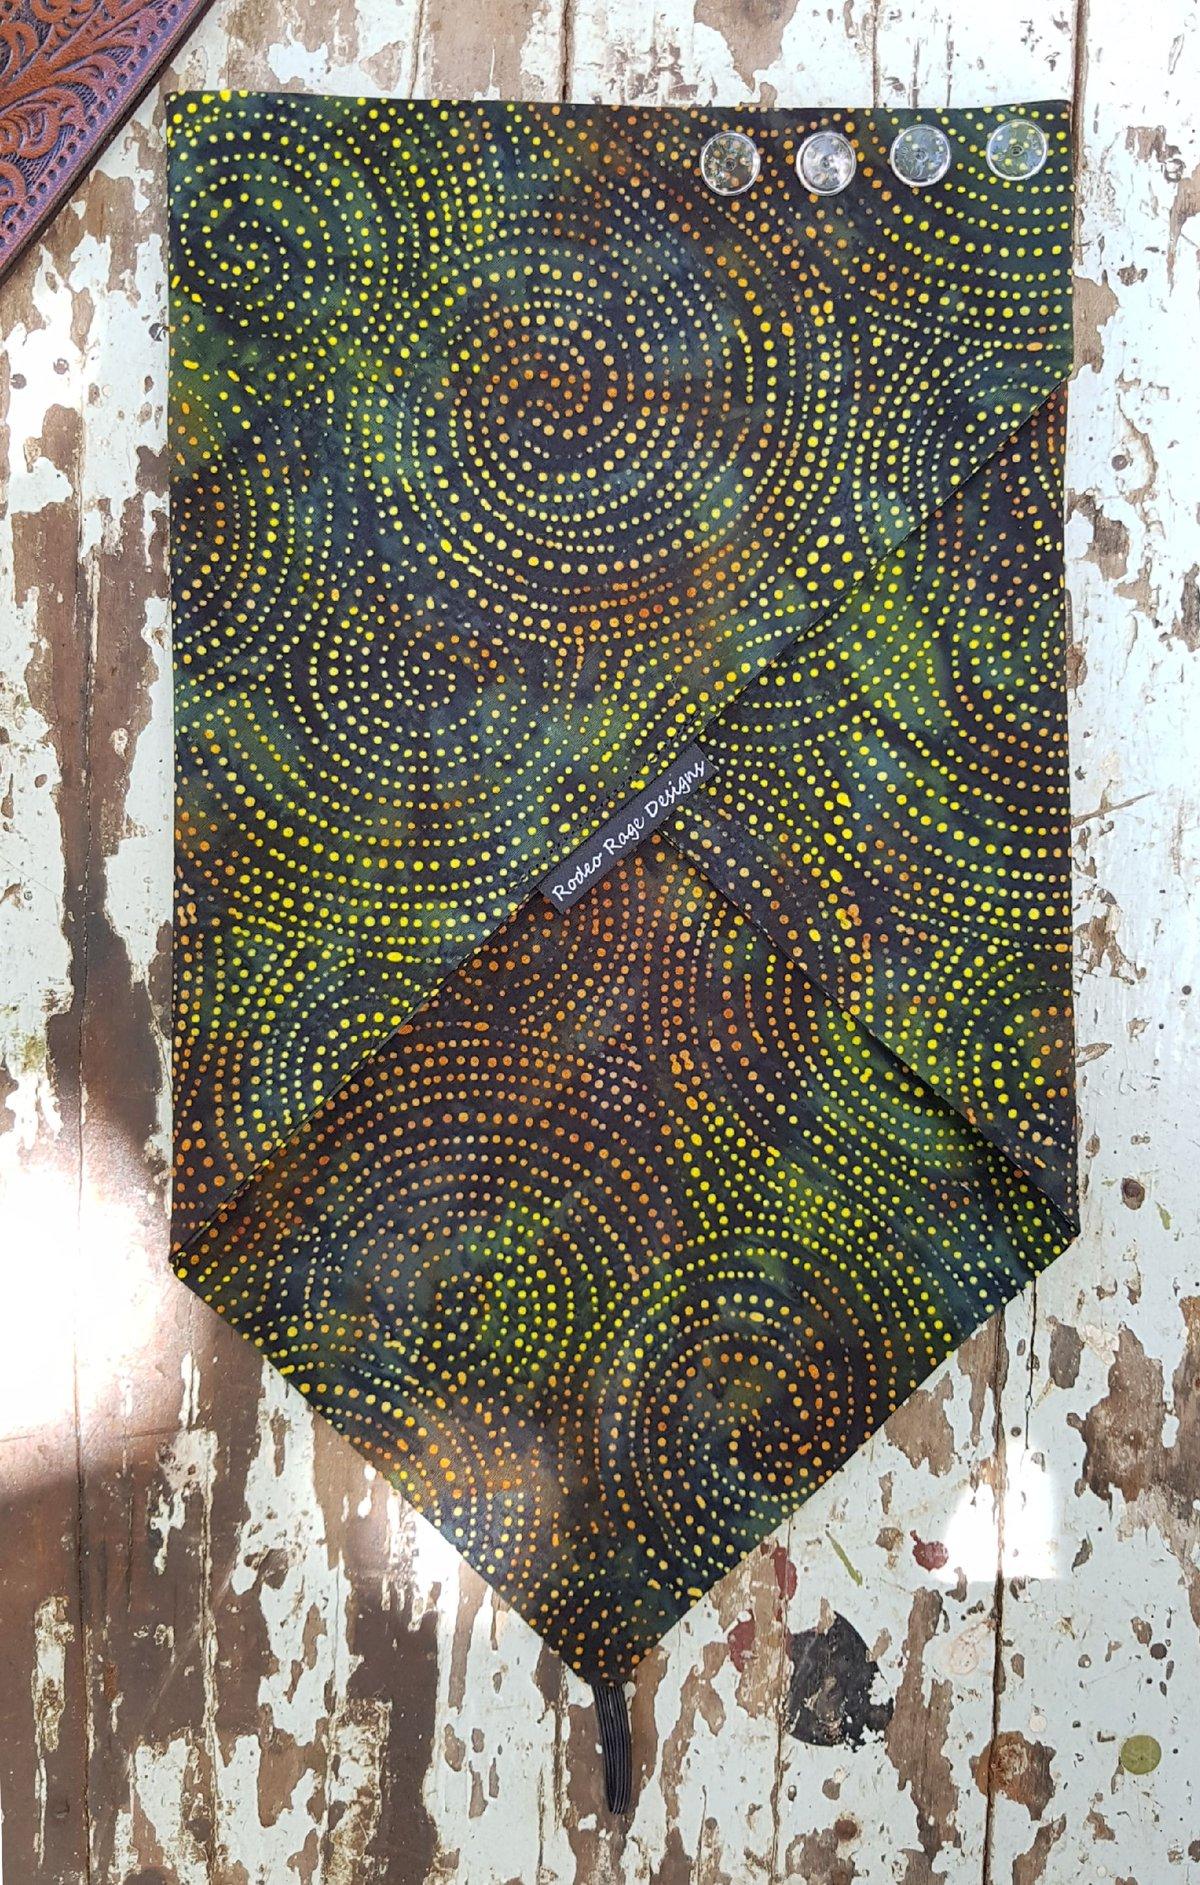 Image of Forrest Batik in Muster Duster